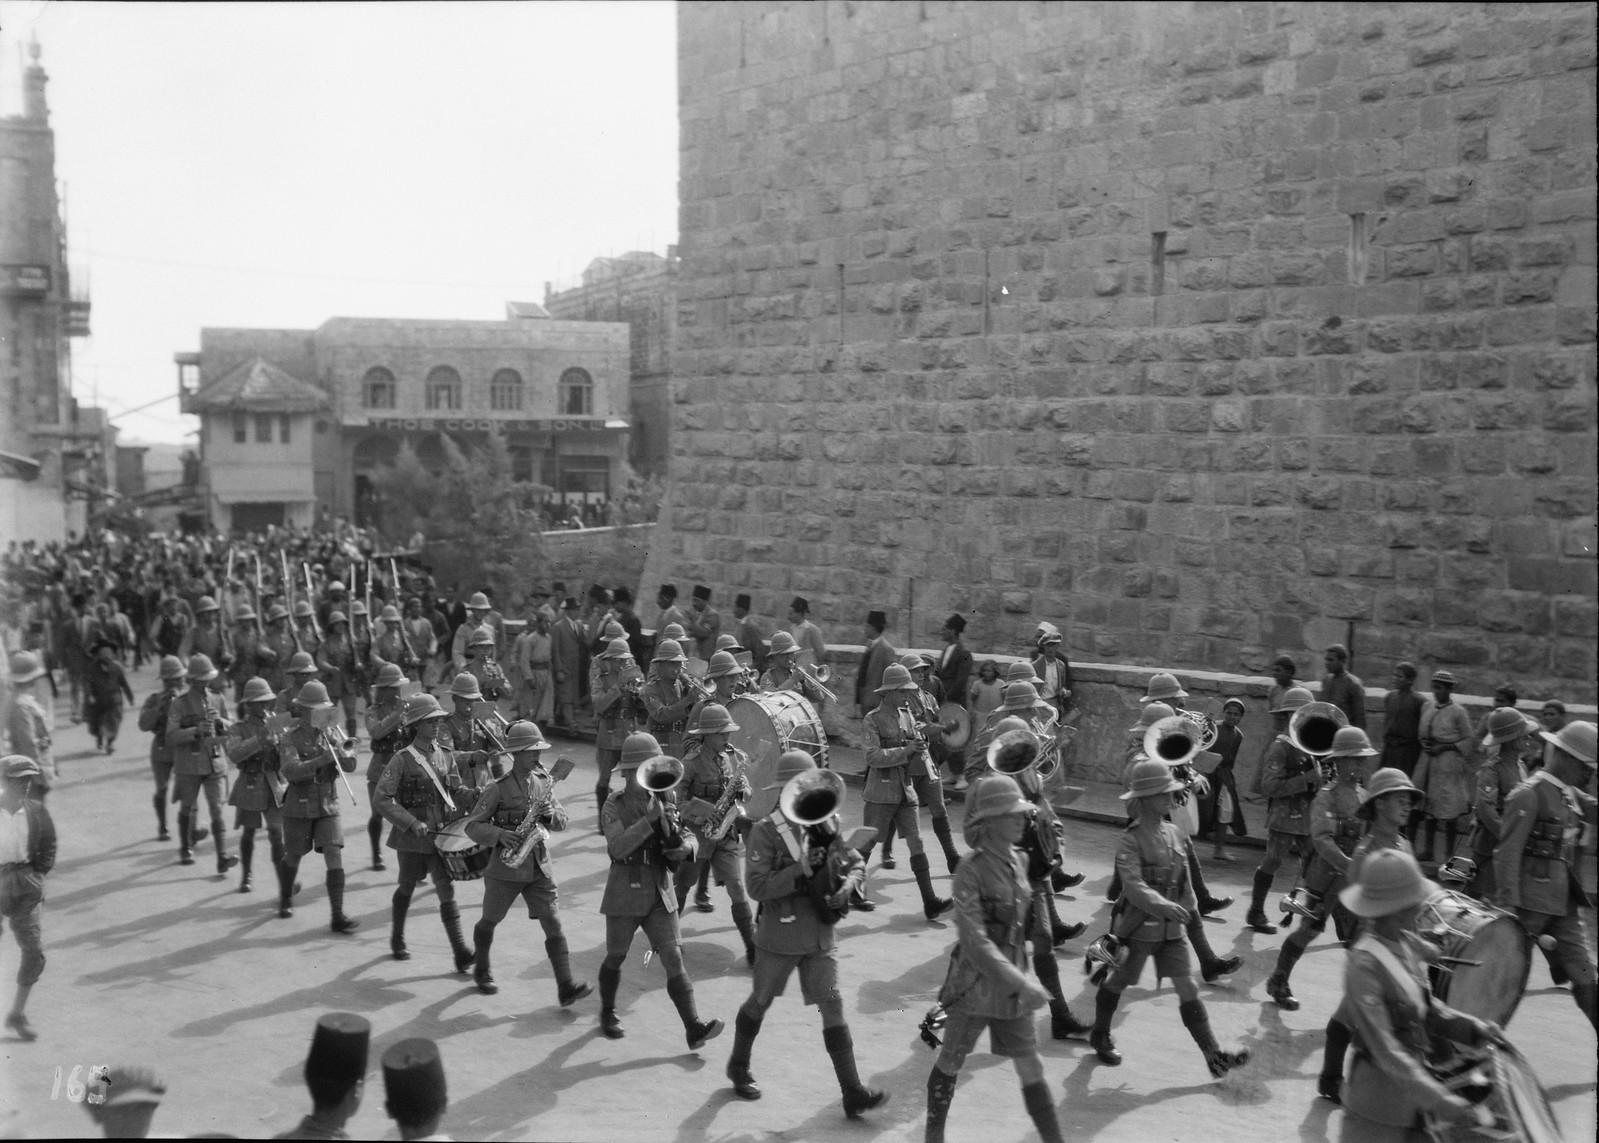 19. Иерусалим. Британские войска маршируют у Яффских ворот